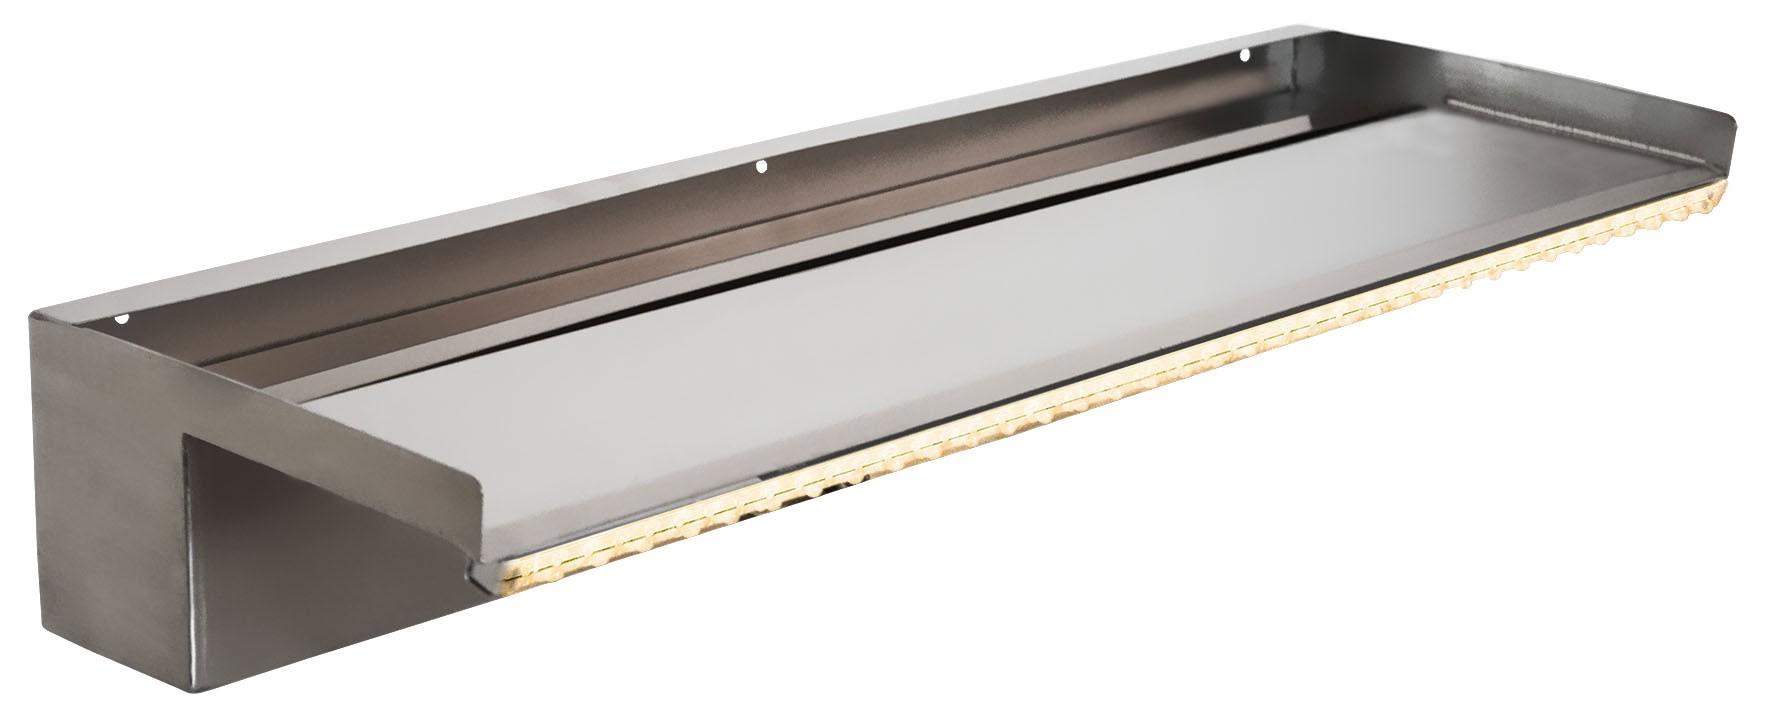 Heissner Überlaufkante mit LED / Wasserfall Element Edelstahl 60cm Bild 1